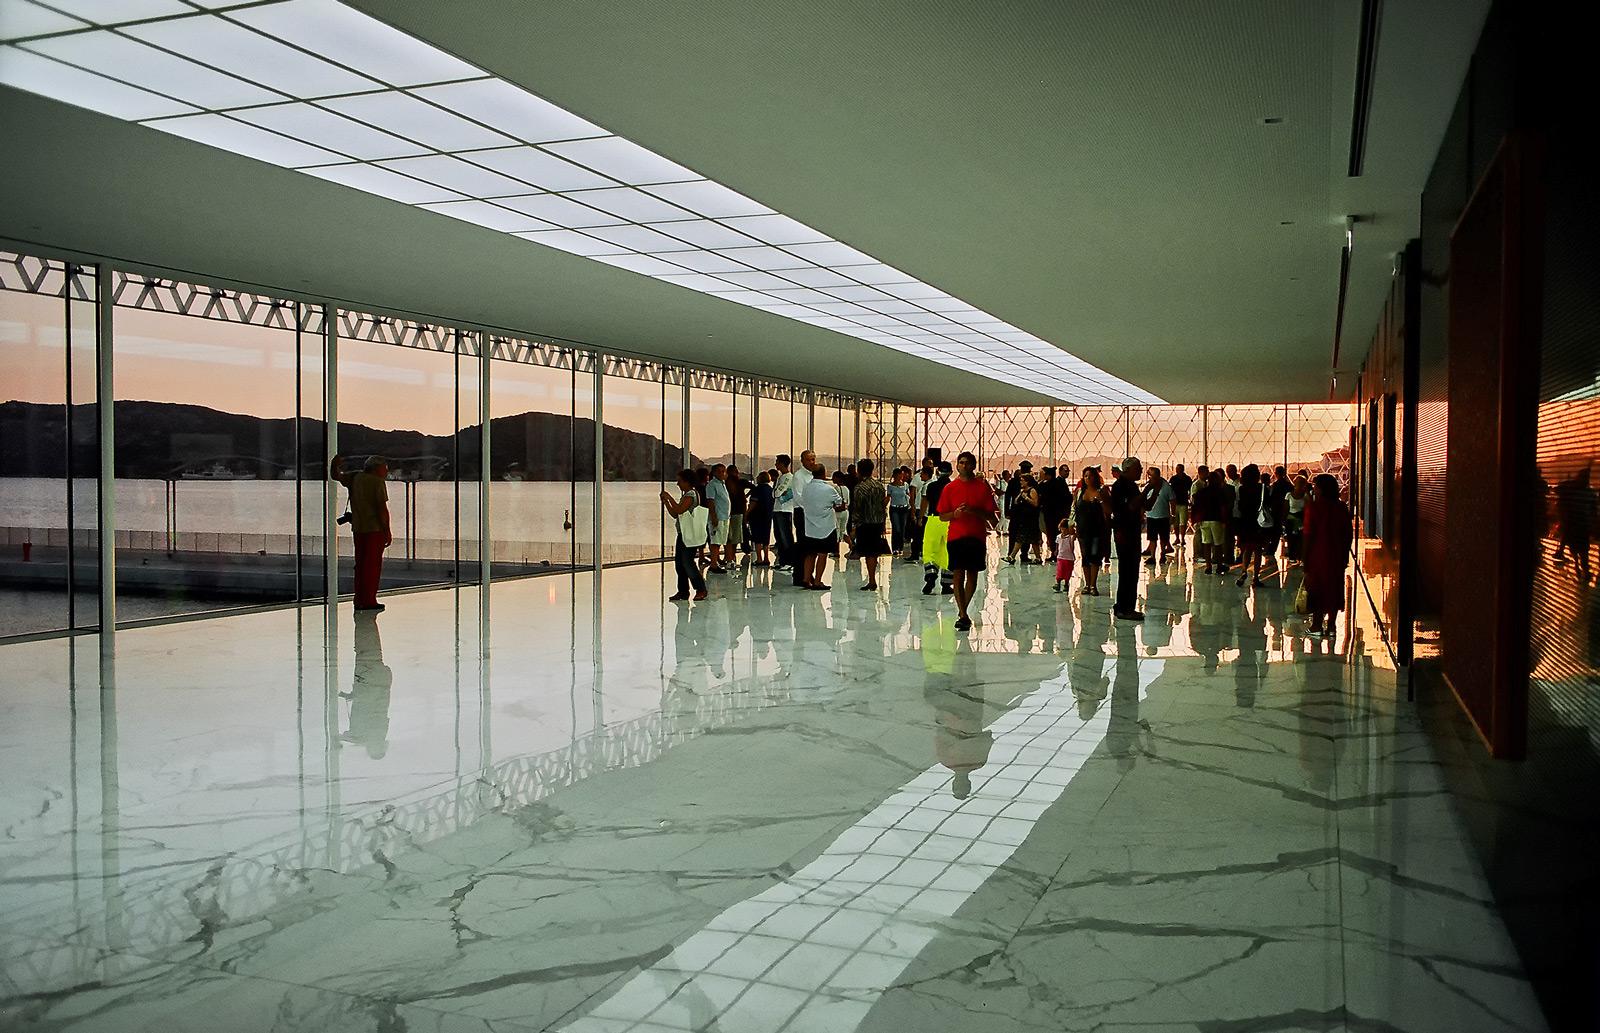 Concorso-fotografico-architettura-Oristano-2